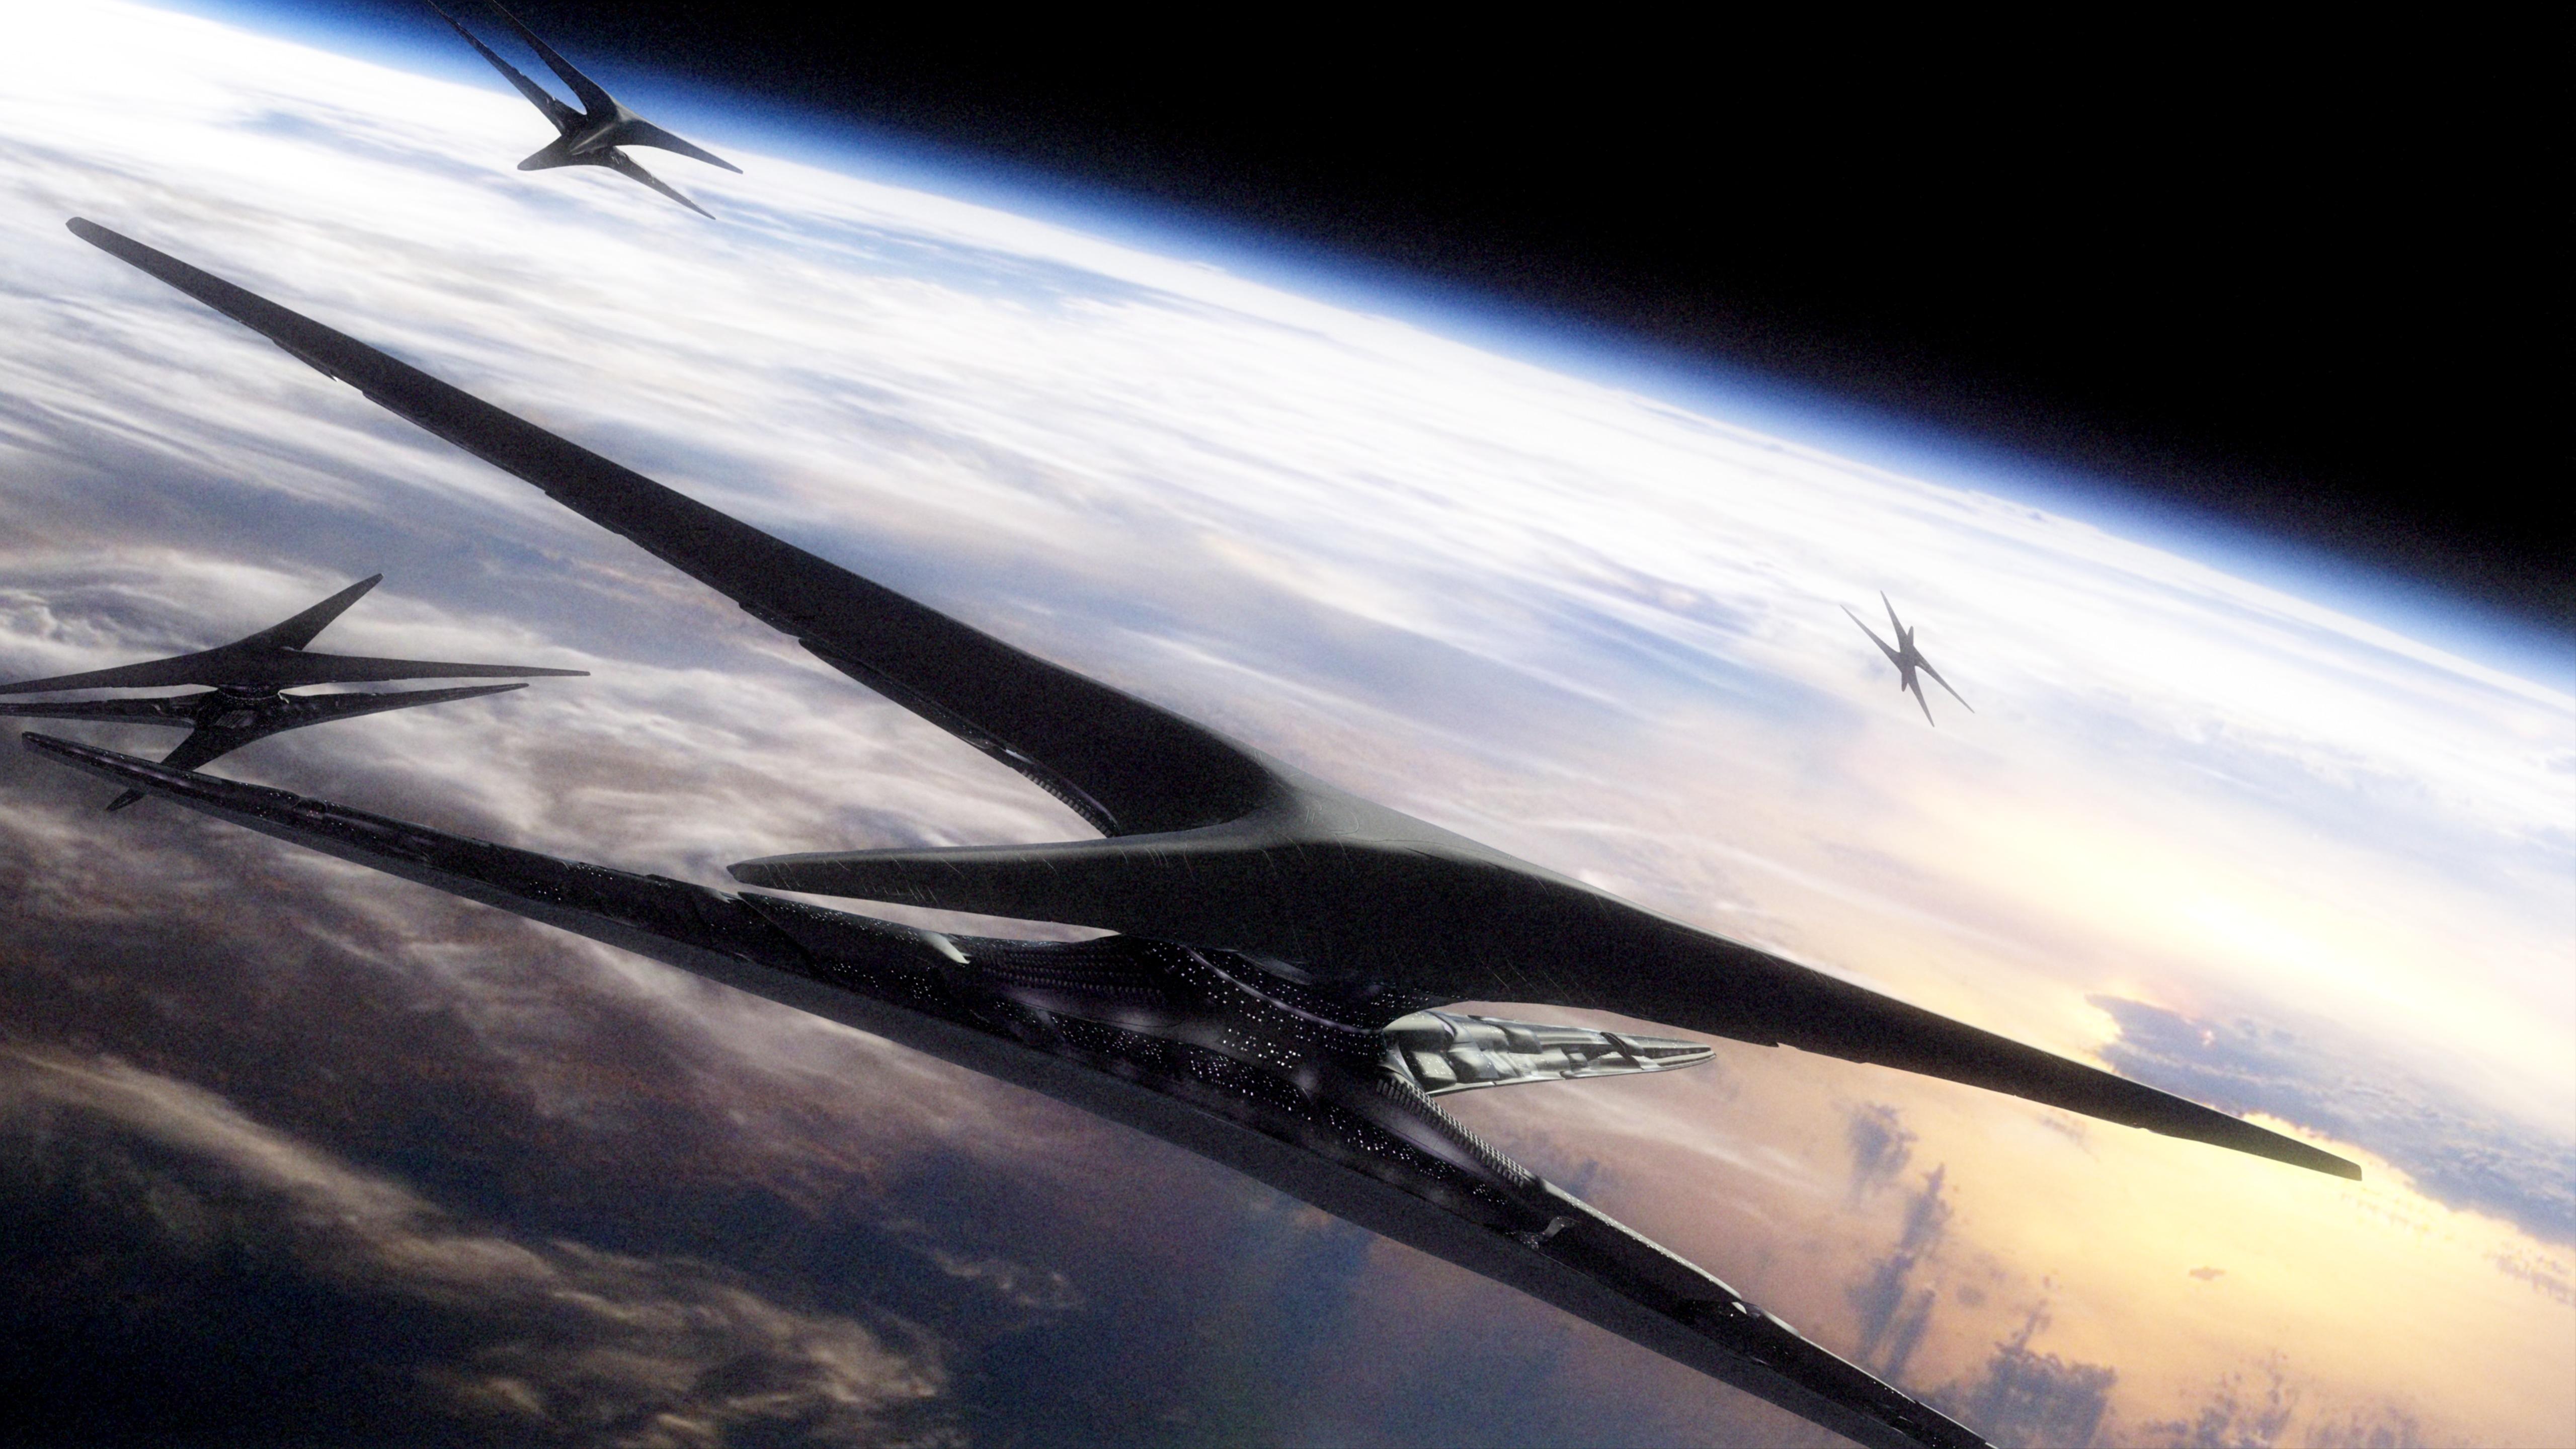 Razor Side By Side >> » Battlestar Galactica – Cursios, Foiled Again!